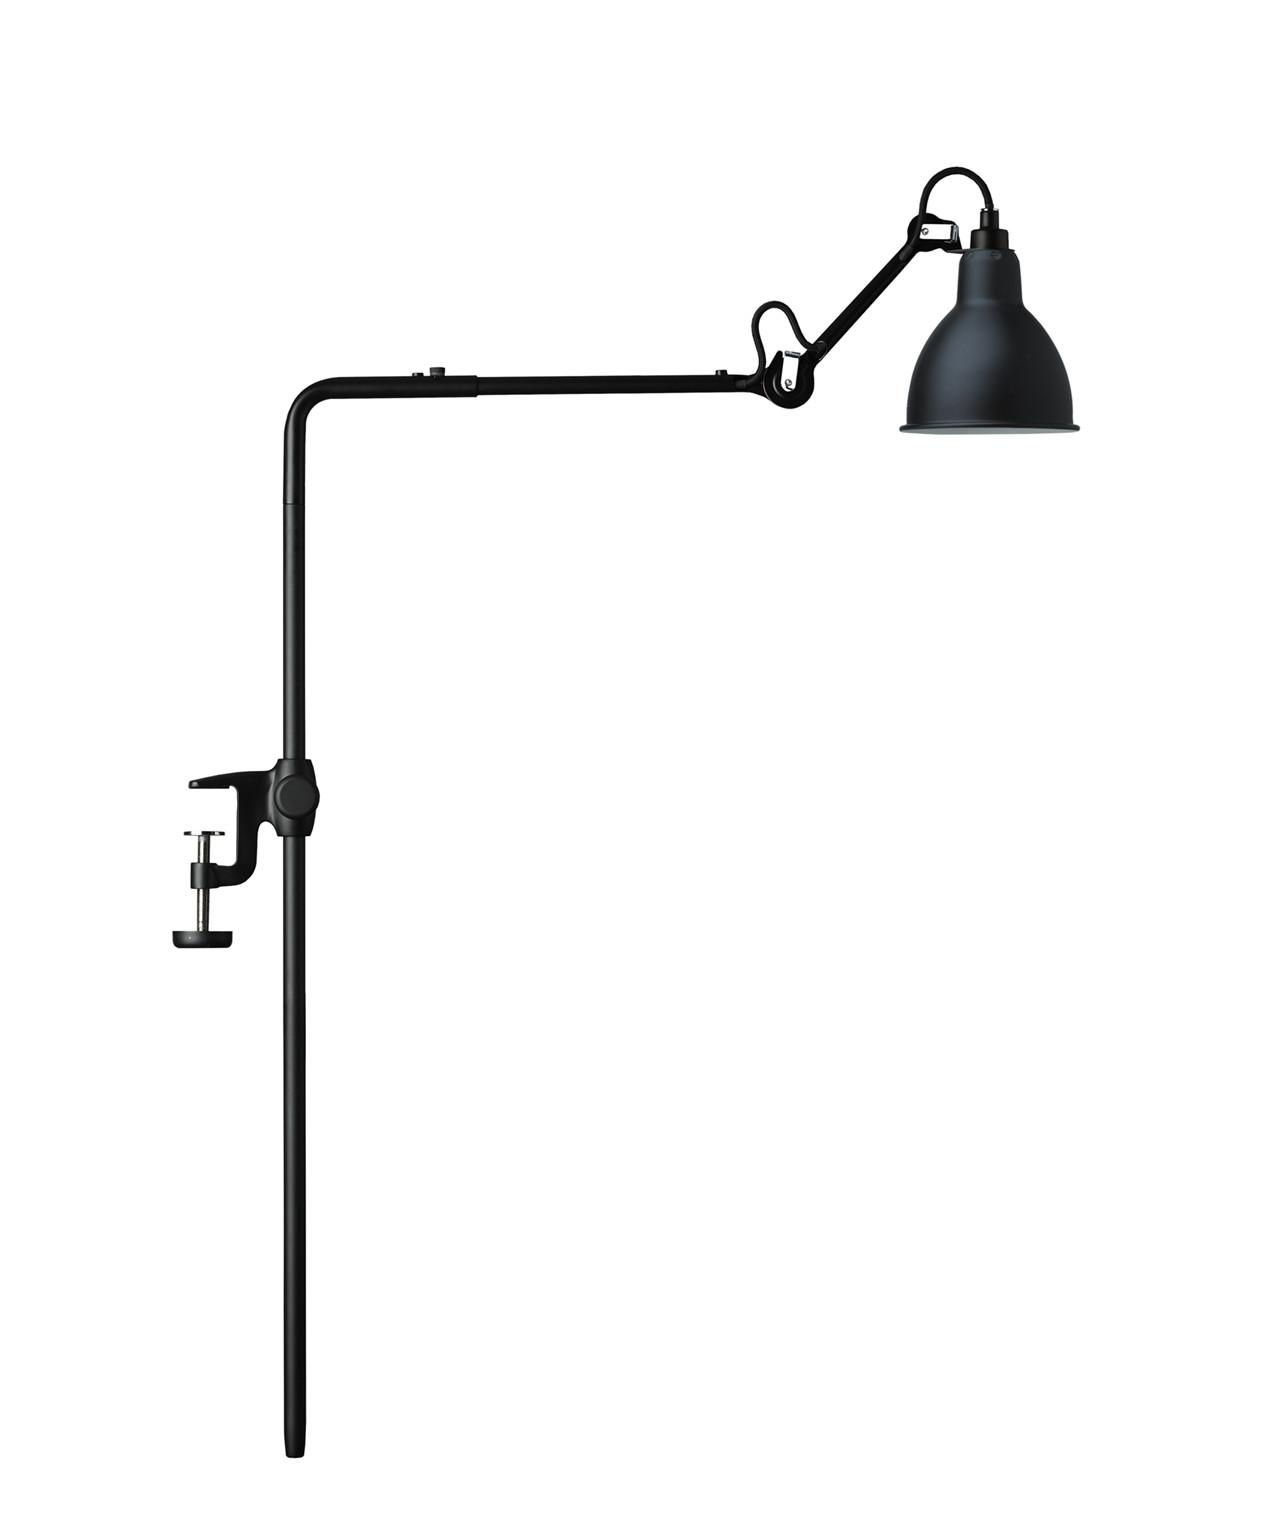 Image of   226 Bordlampe/Reol Lampe Sort - Lampe Gras